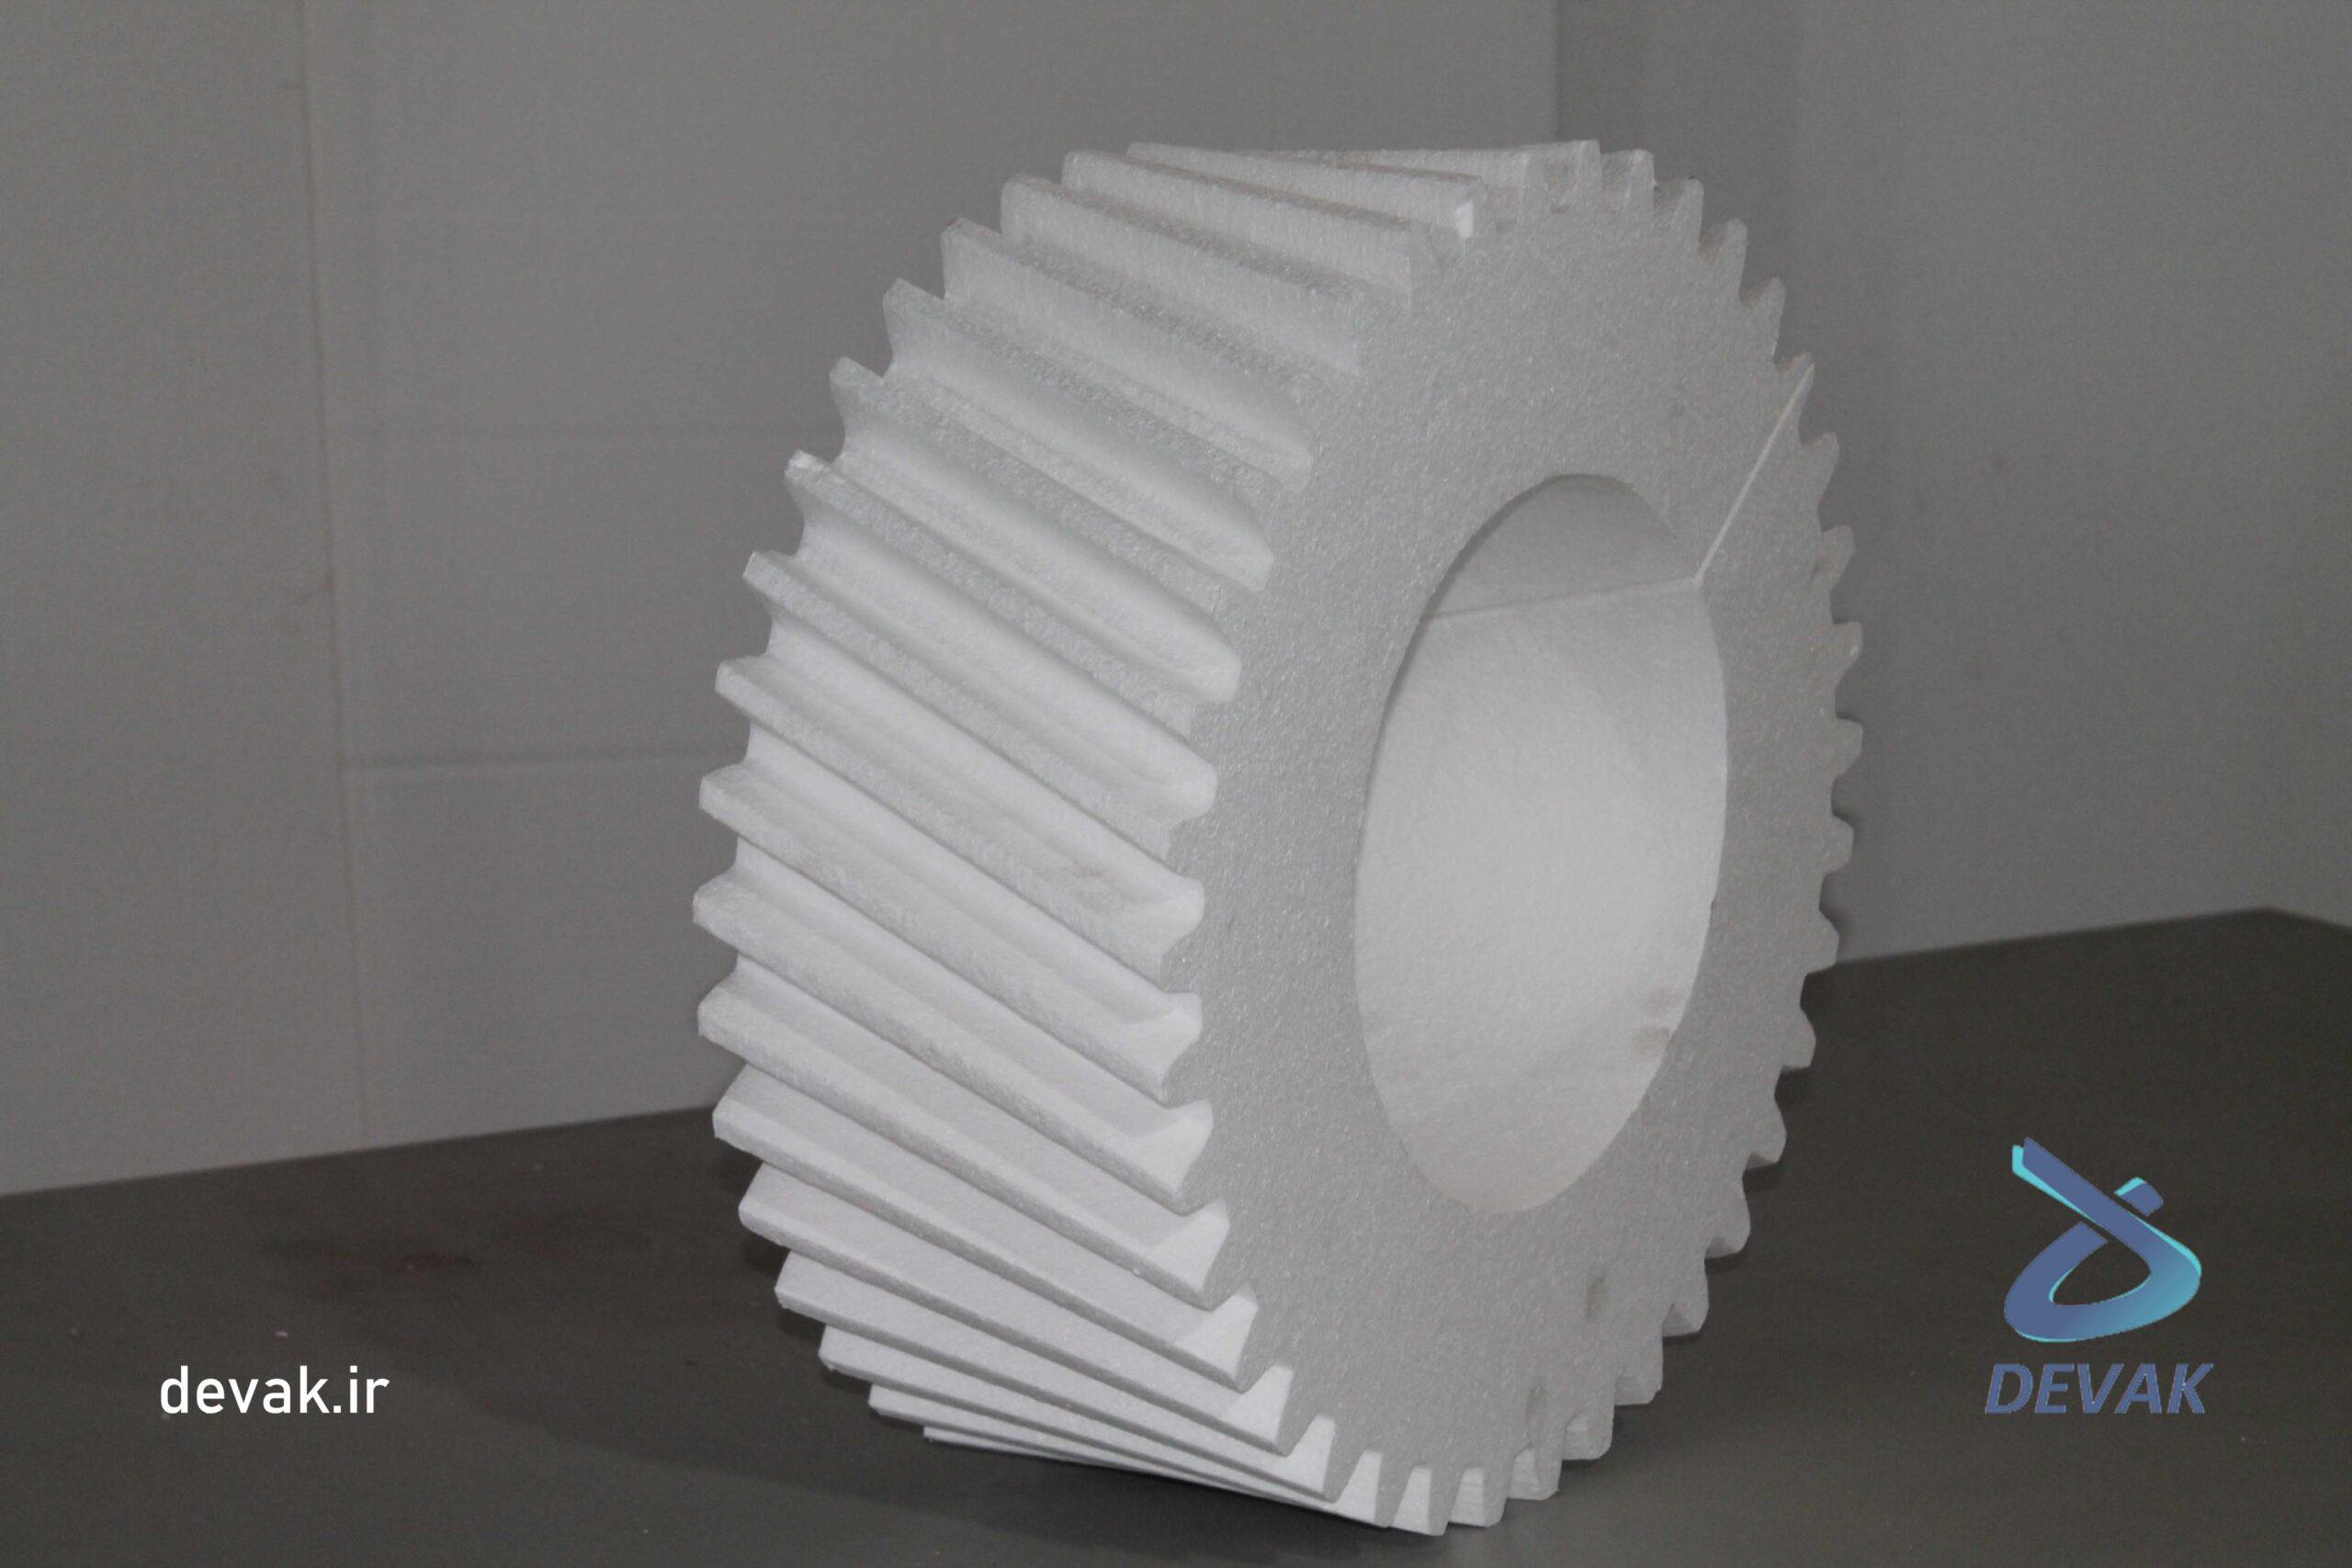 ساخت قالب فداشونده با یونولیت - چرخ دنده یونولیتی